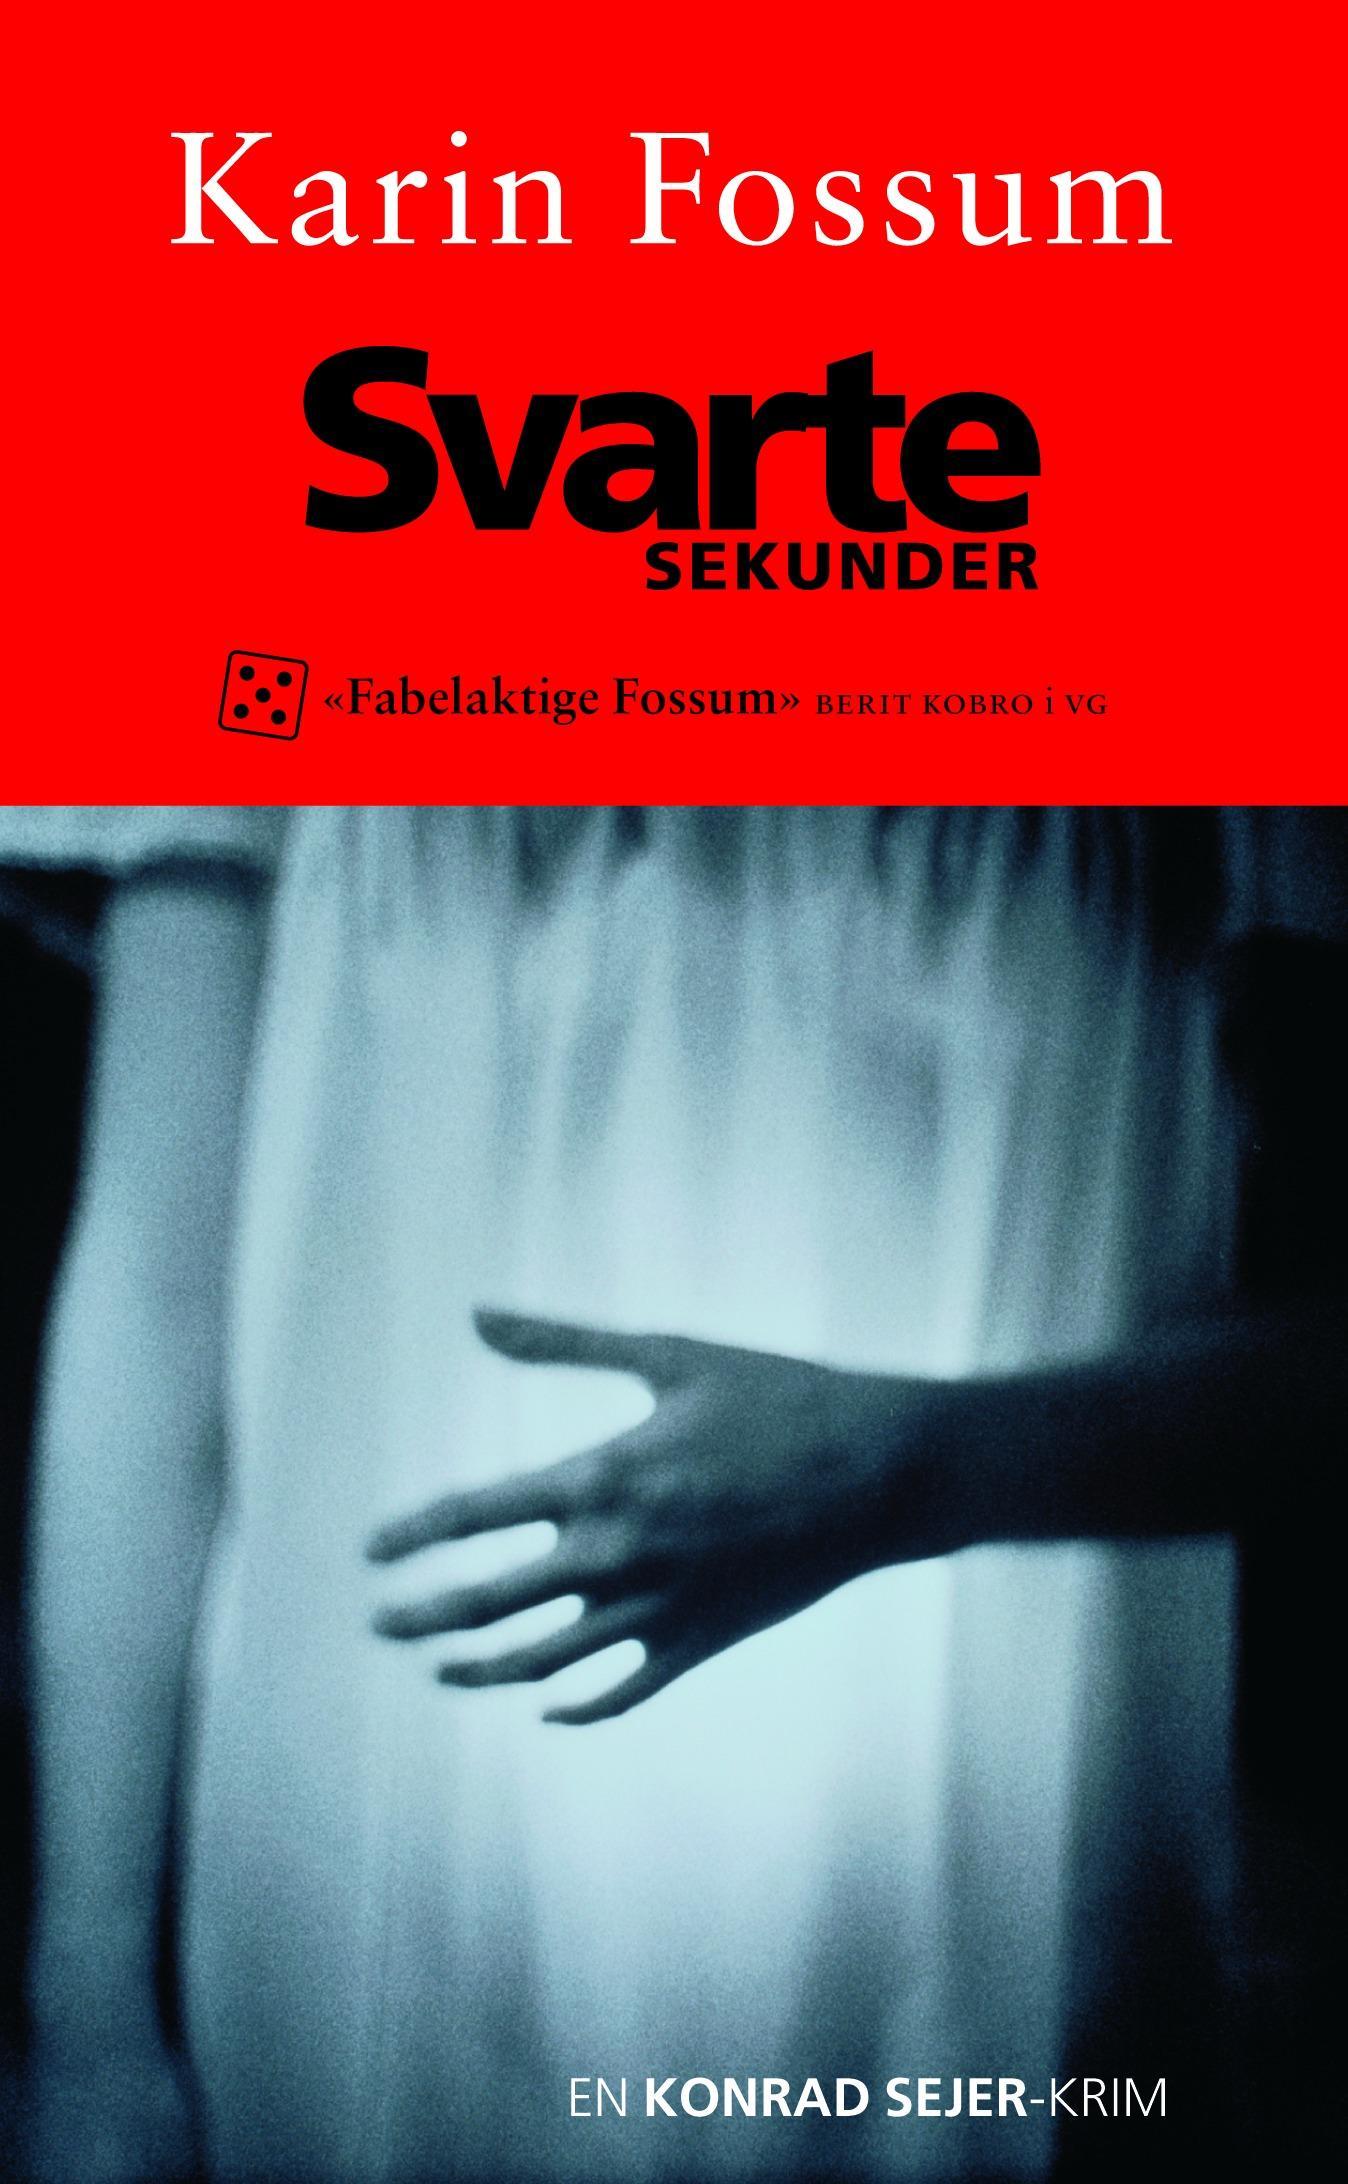 """""""Svarte sekunder - en Konrad Sejer-krim"""" av Karin Fossum"""